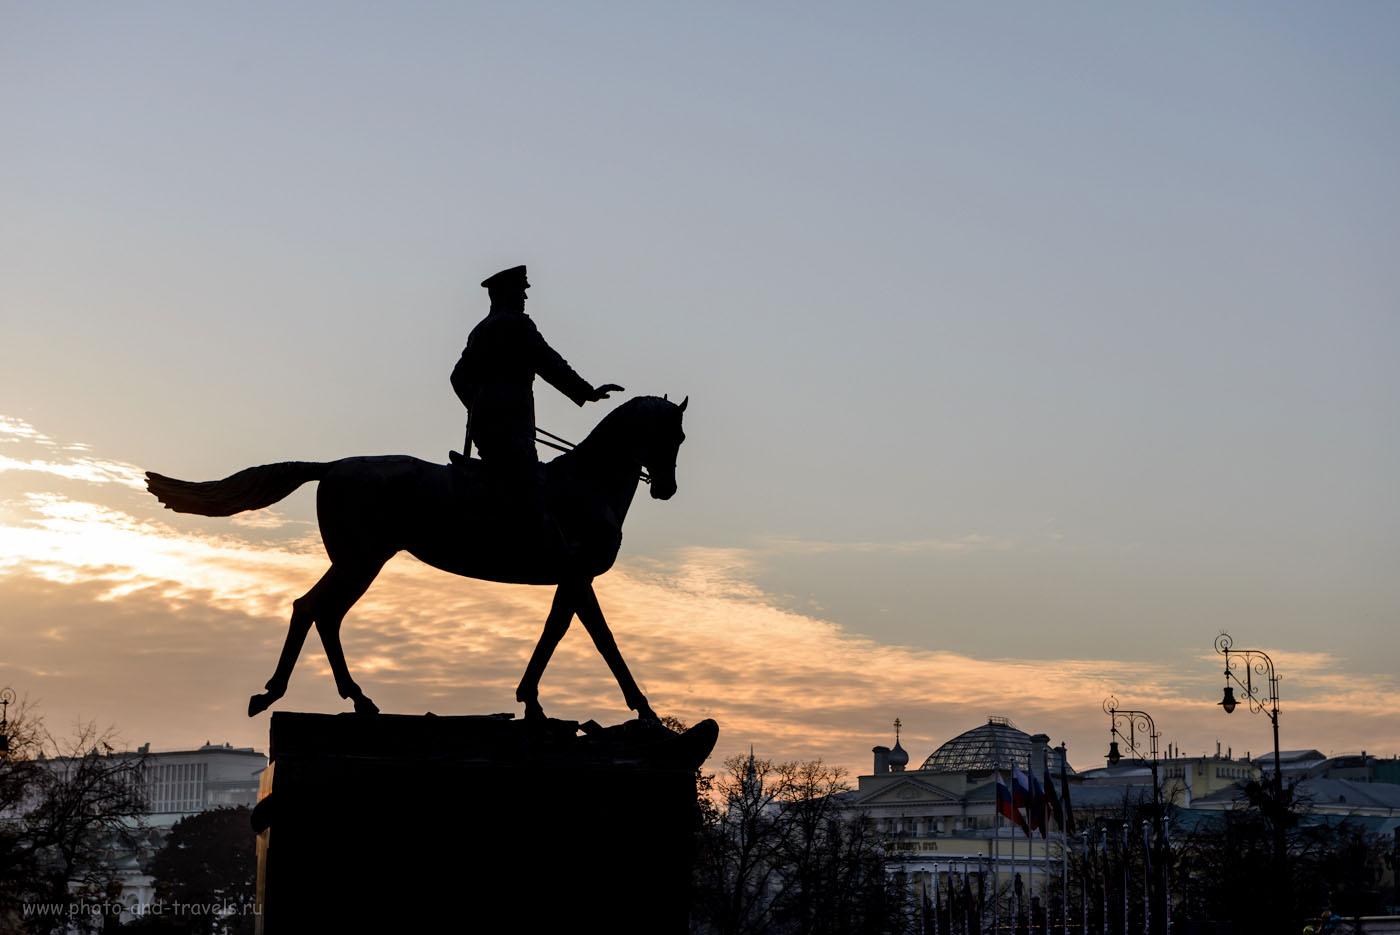 Фотография 22. Памятник Жукову напротив здания Государственного исторического музея в Москве. 1/640, -1.0, 7.1, 100, 70.